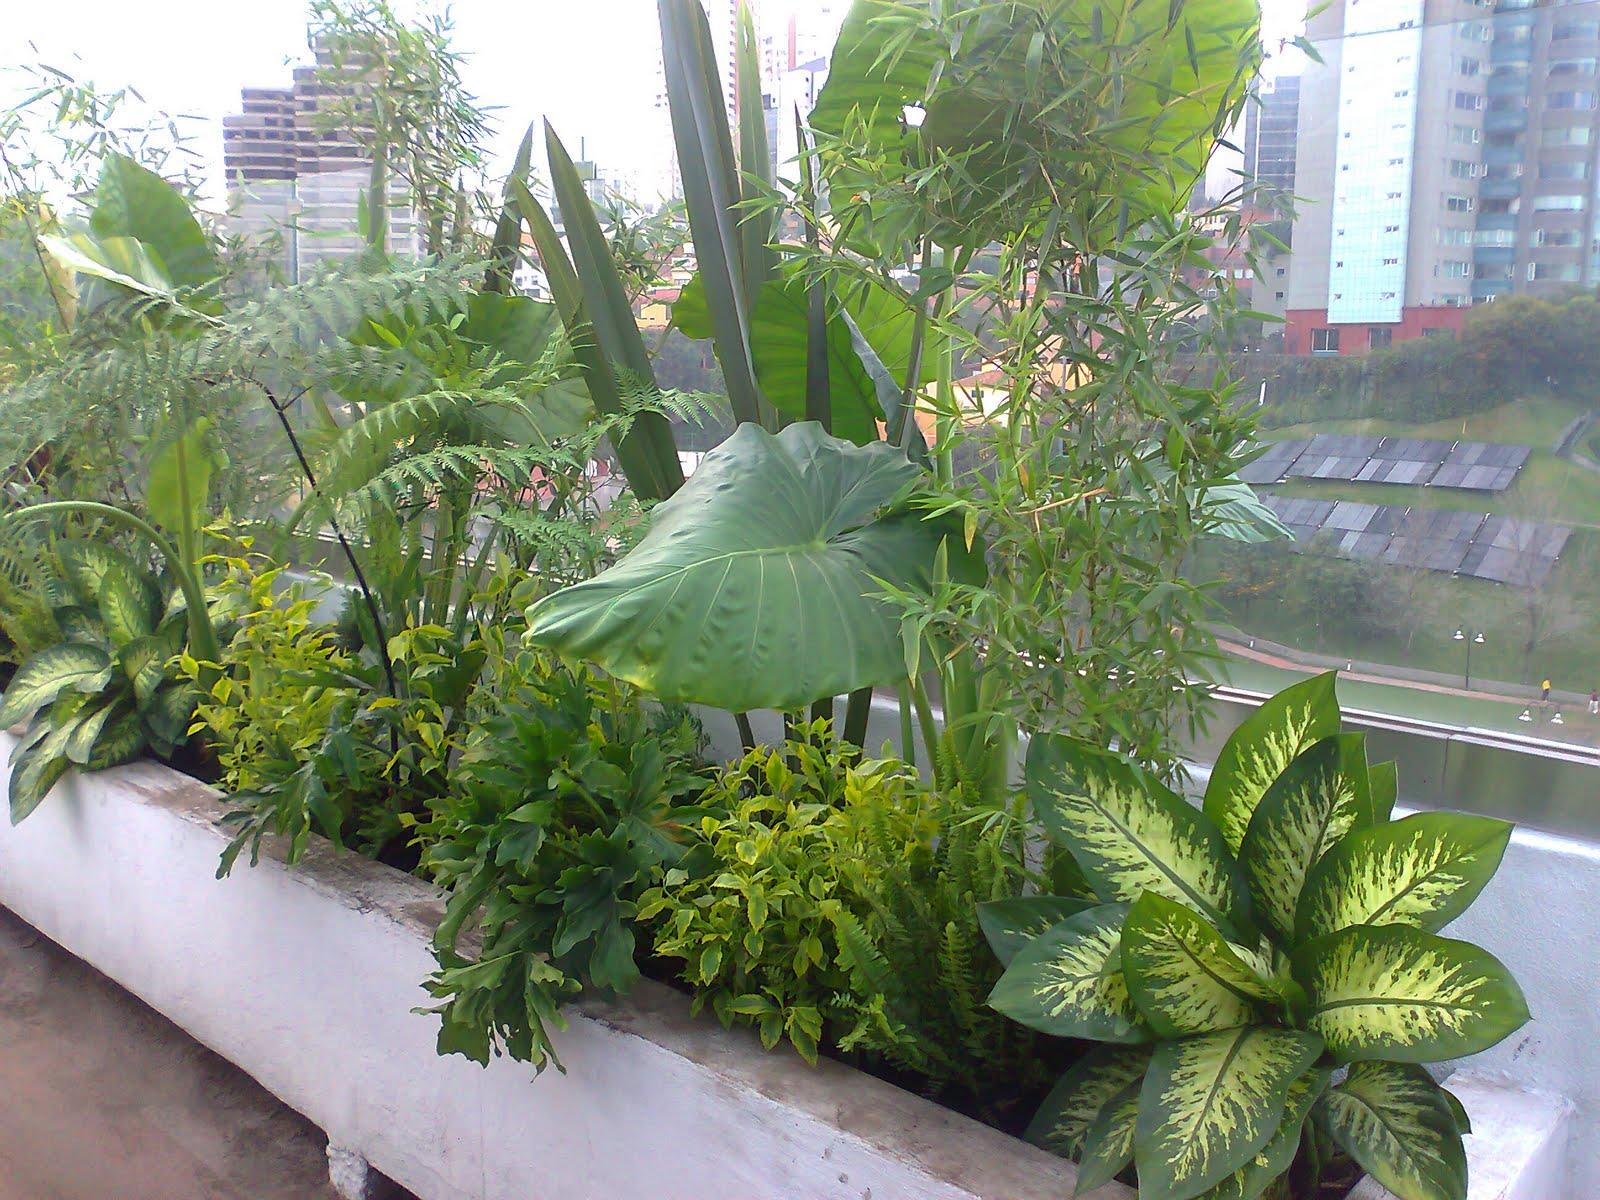 Jardineria xochimilco asociacion de jardineros de xochimilco for Jardin xochimilco